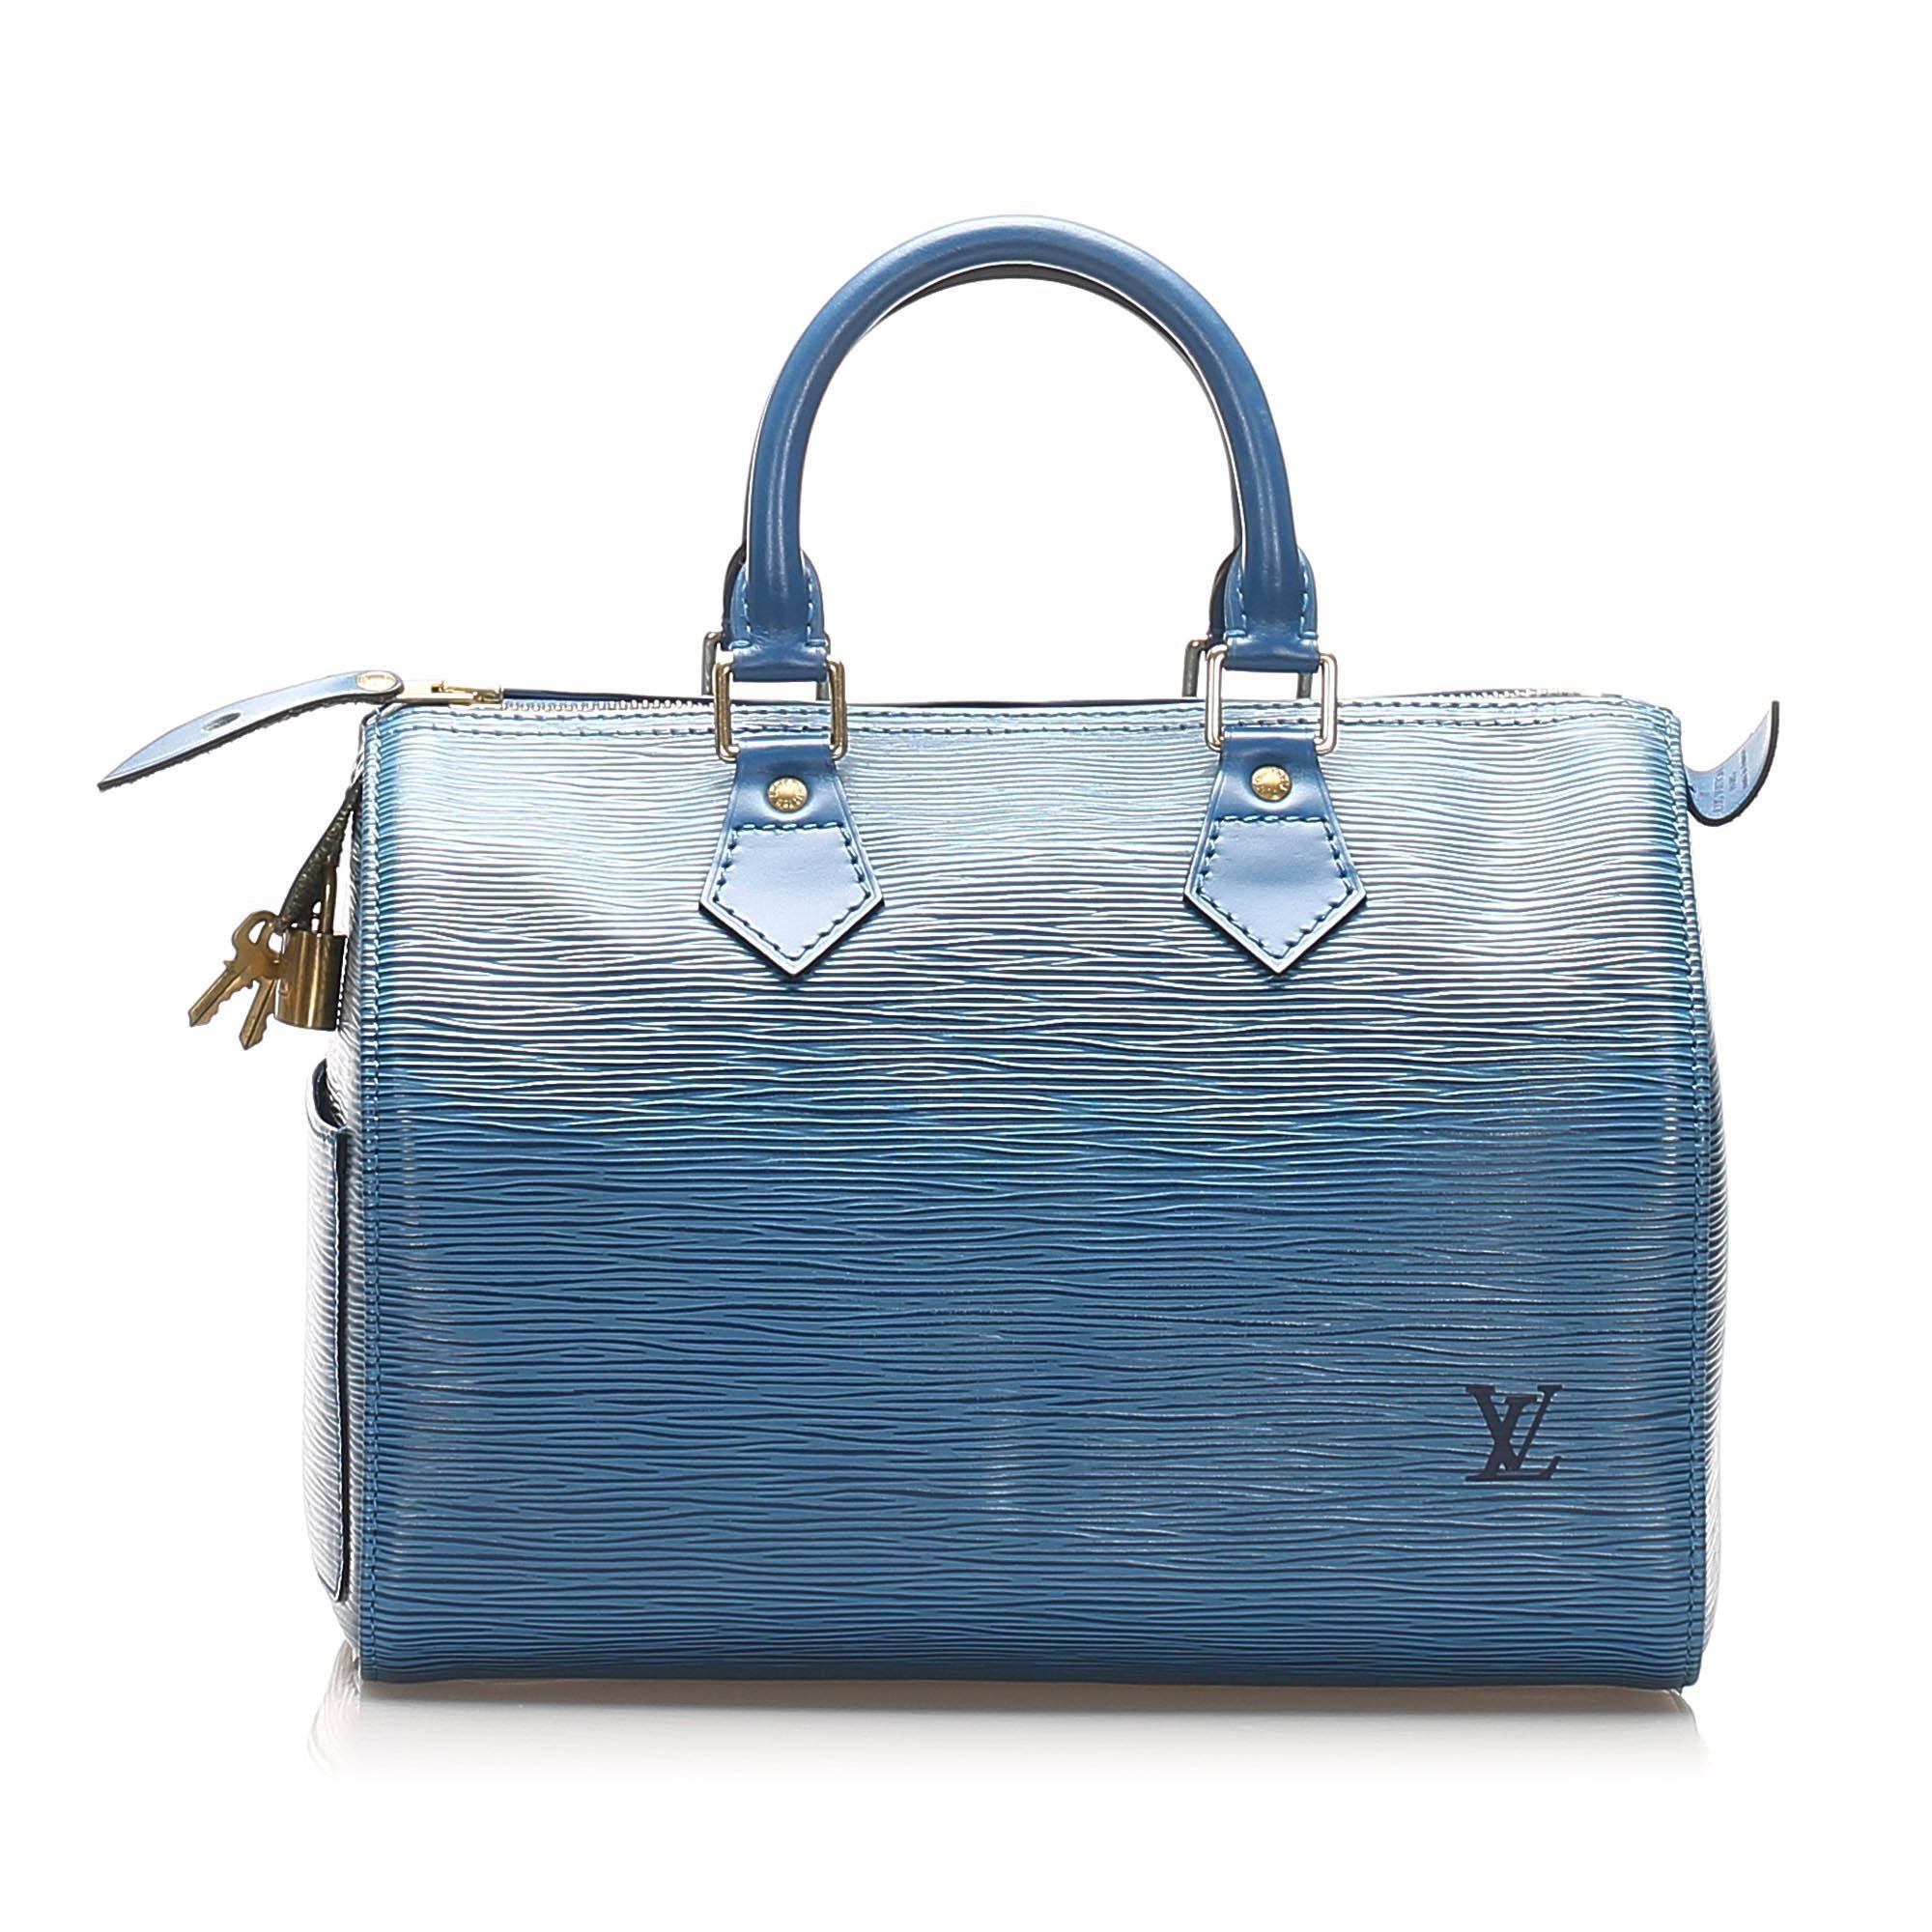 Vintage Louis Vuitton Epi Speedy 25 Blue